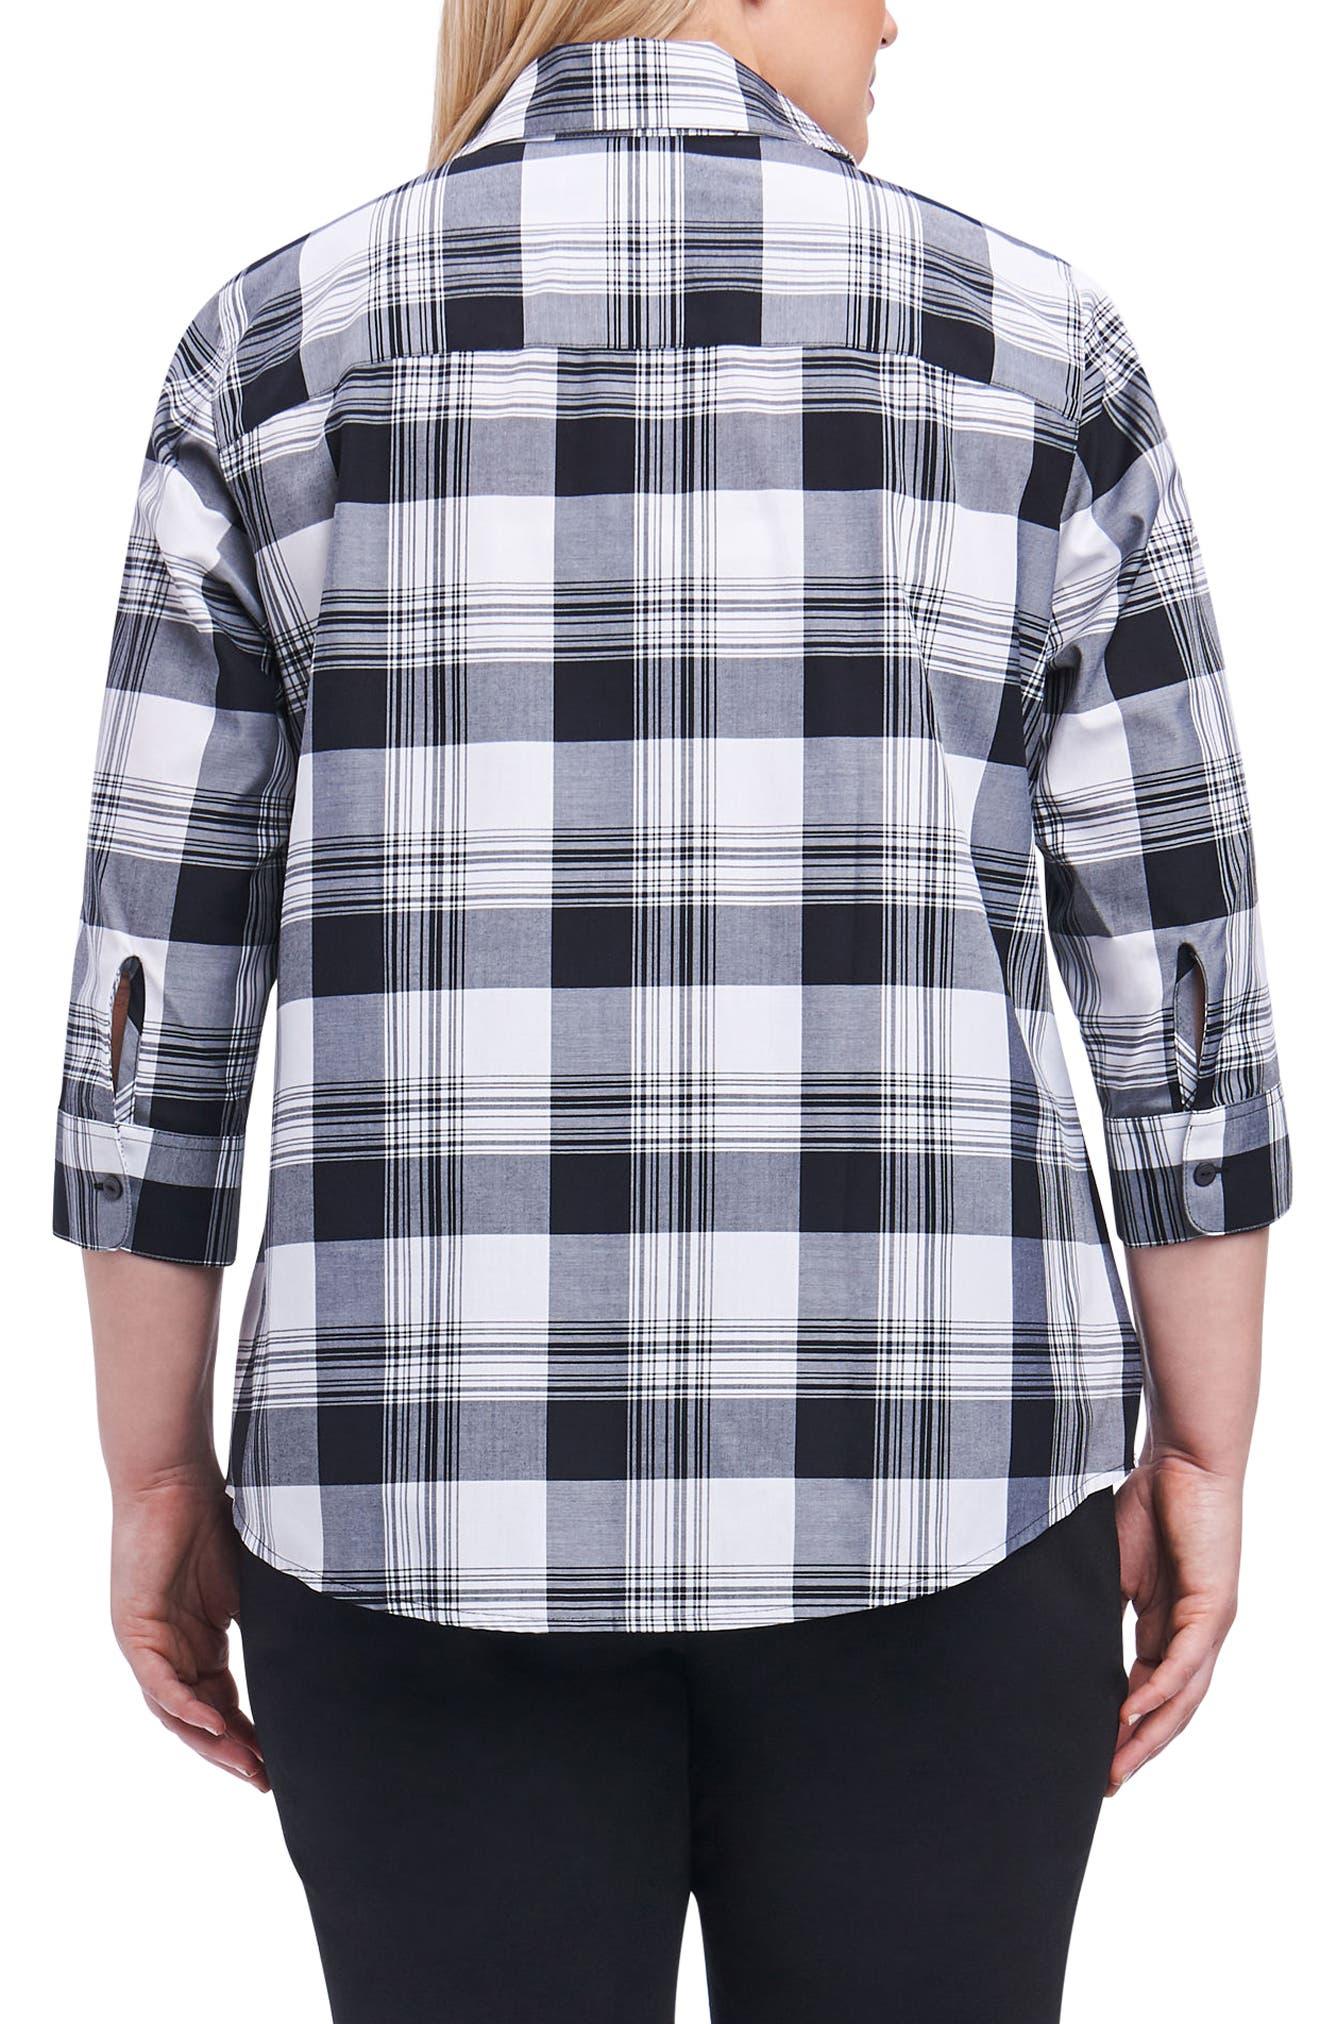 Alternate Image 2  - Foxcroft Sue Shaped Fit Plaid Shirt (Plus Size)